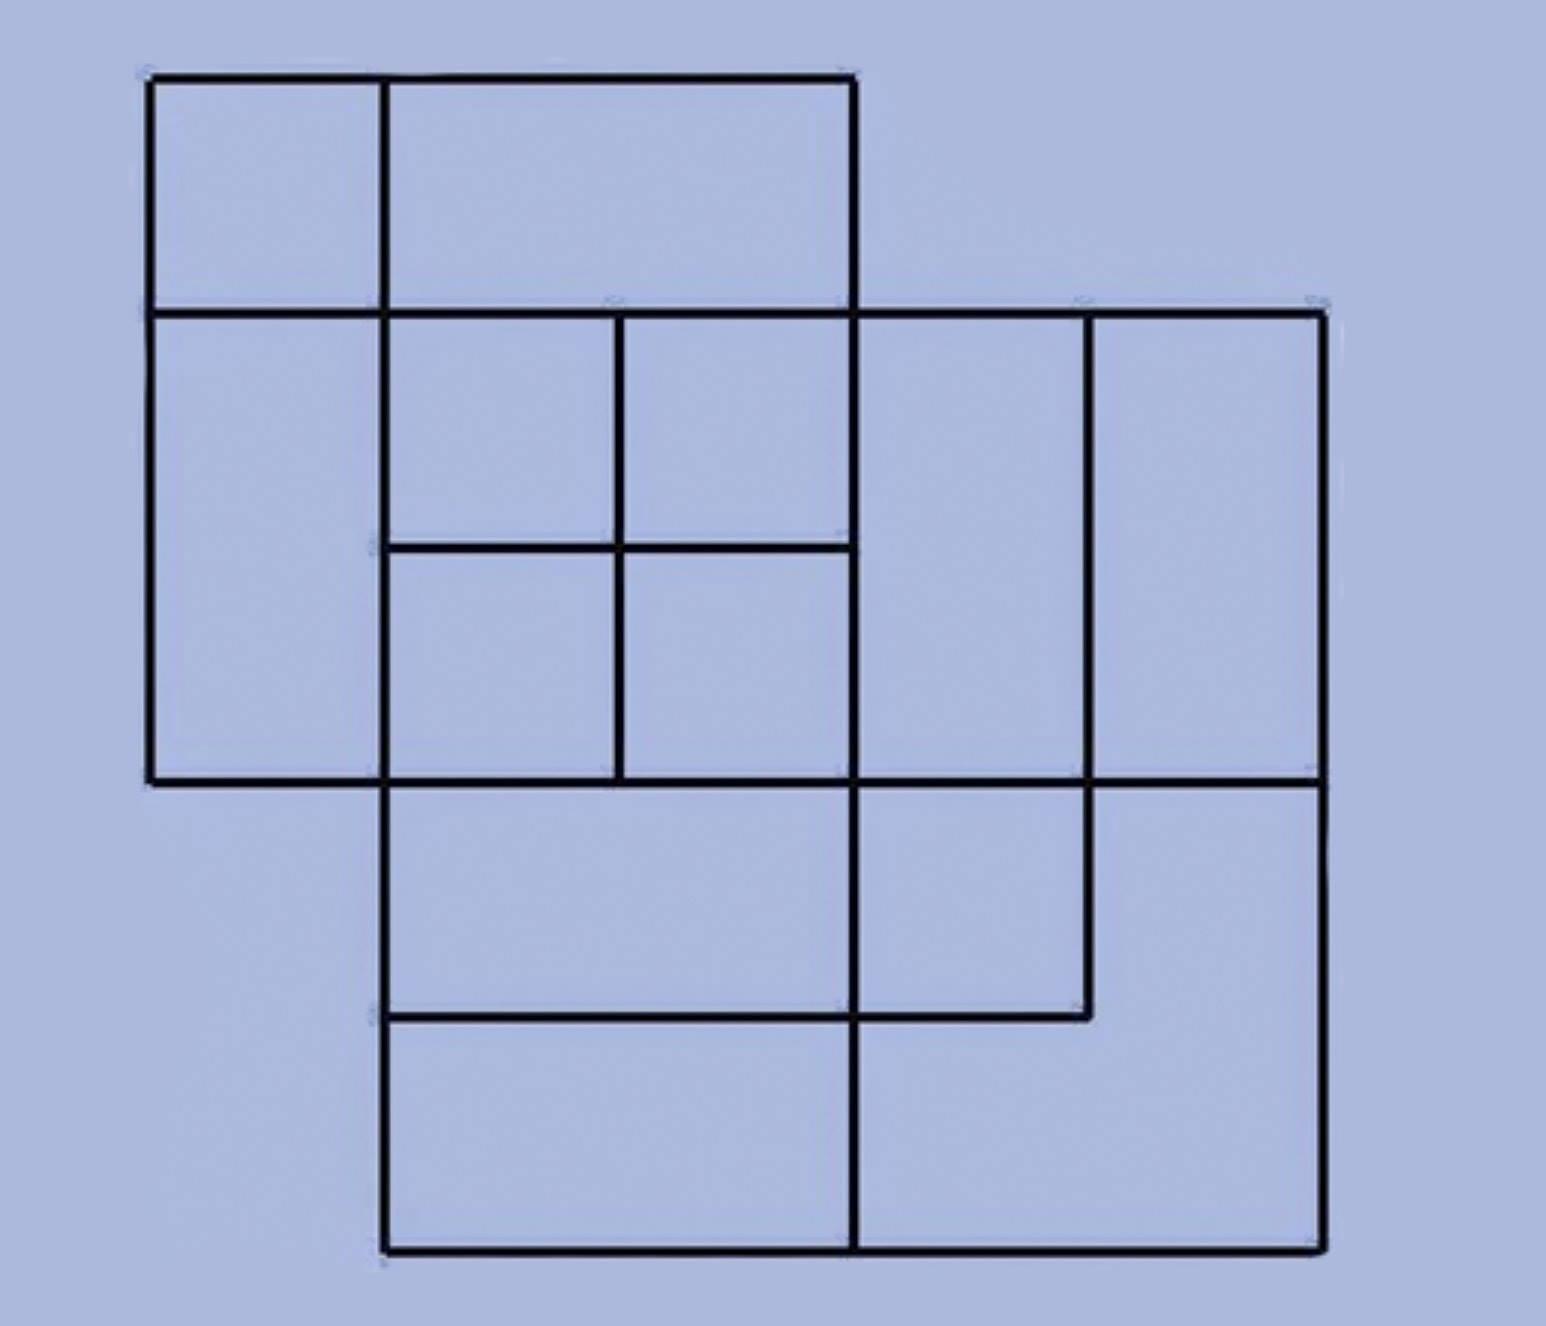 задача сколько квадратов на картинке ответ